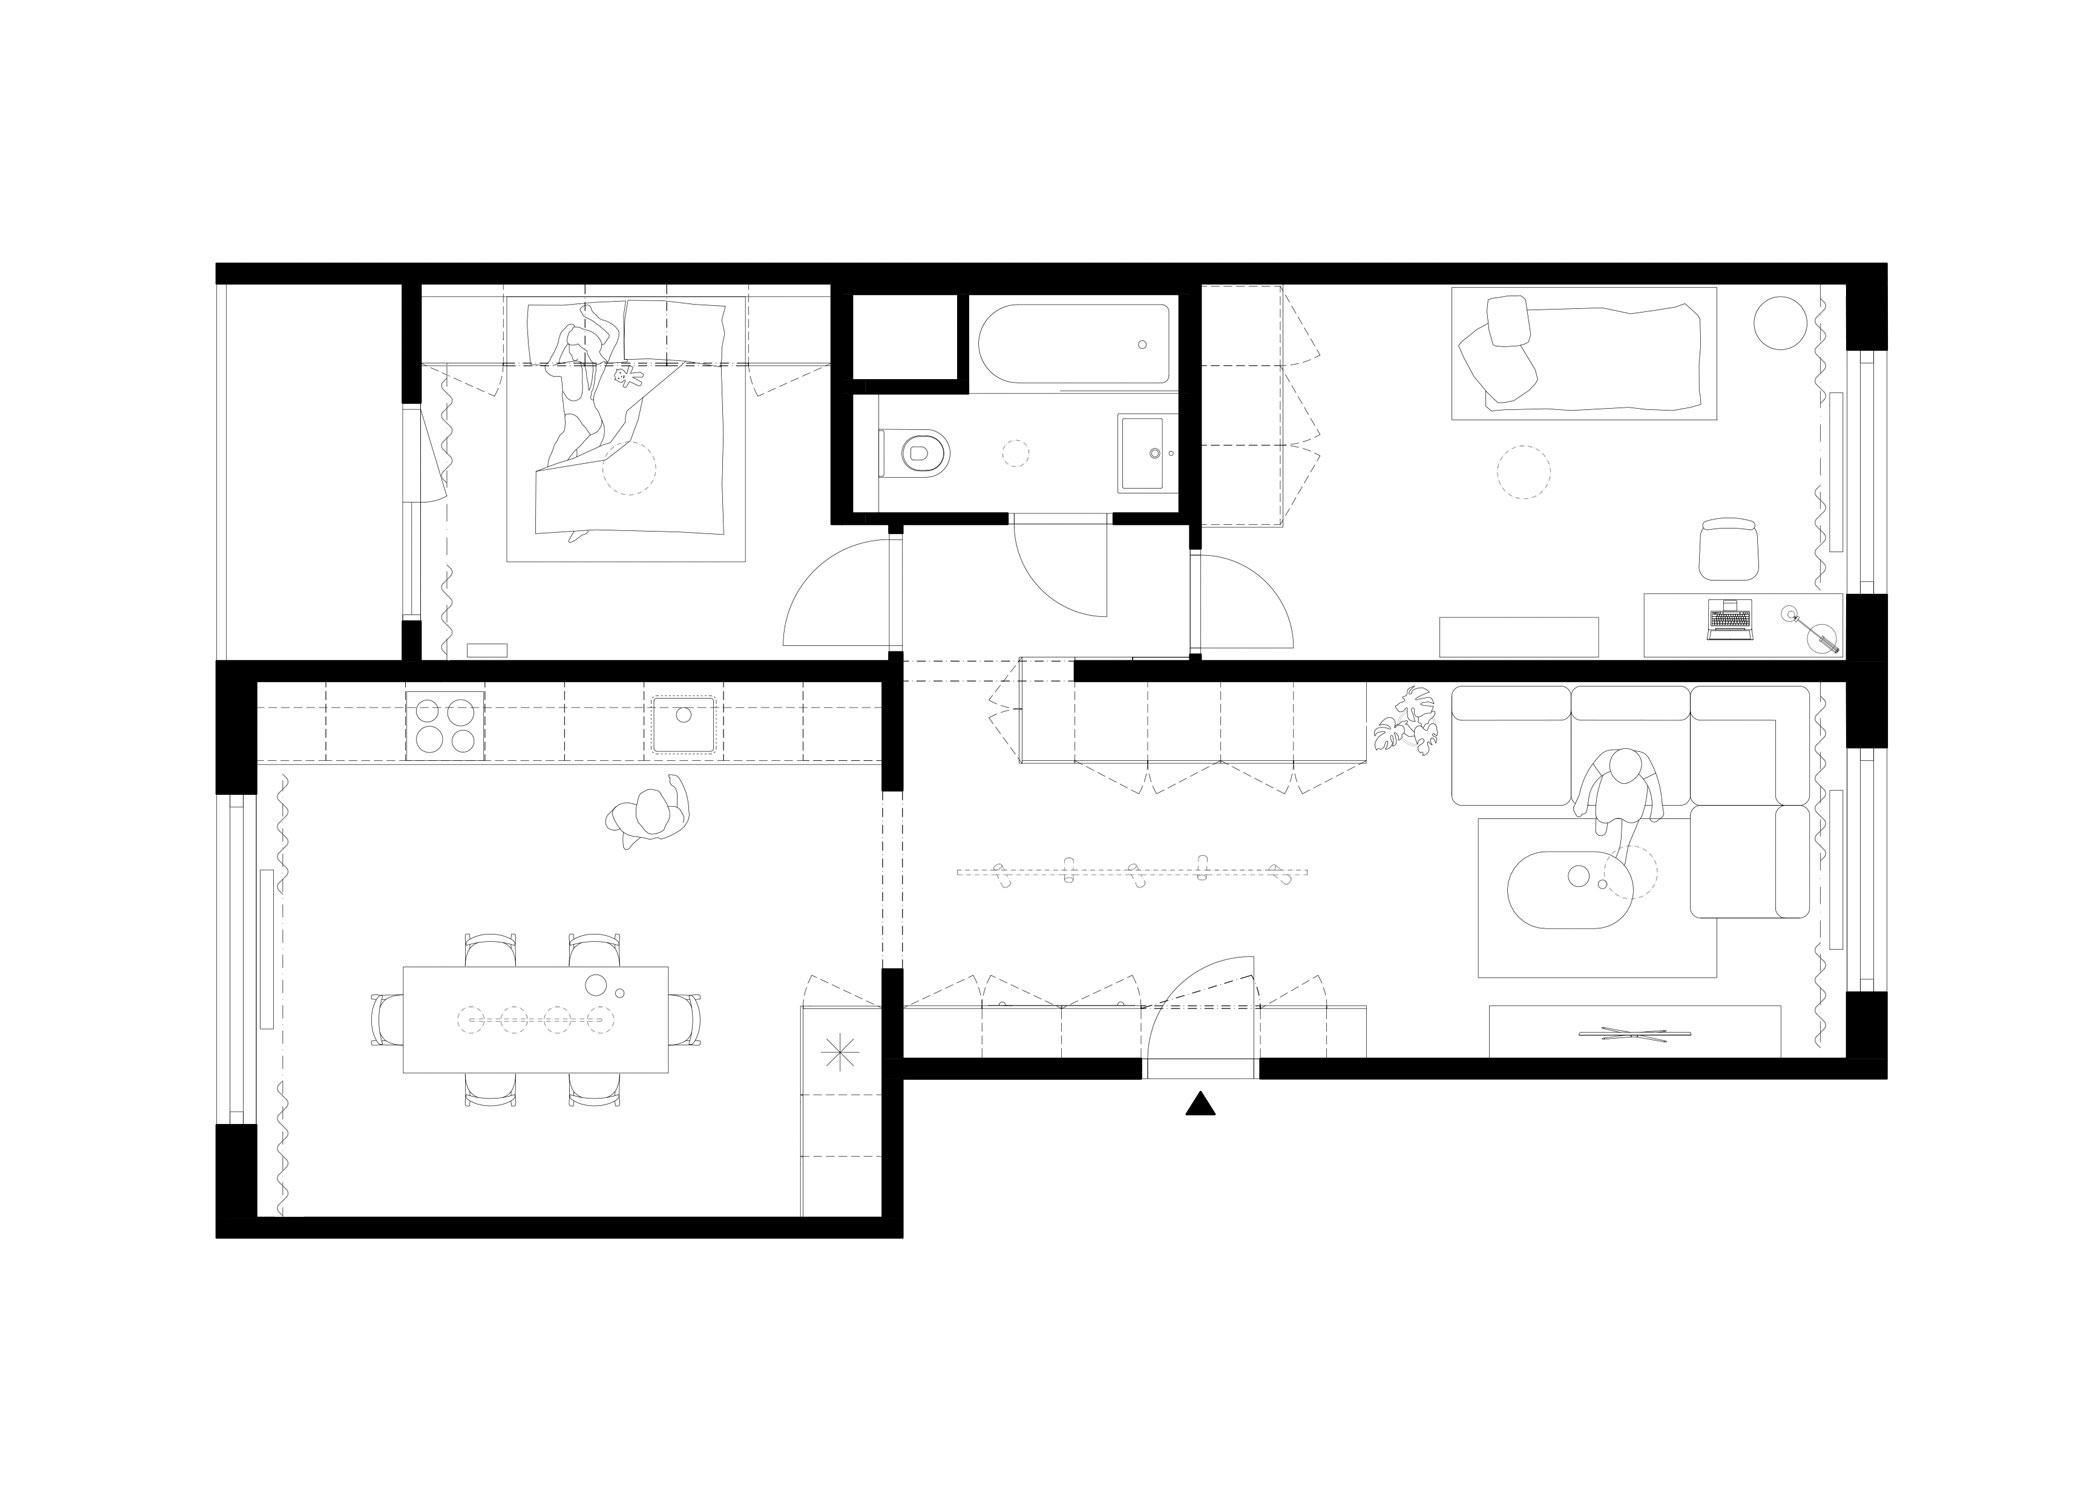 noiz-architekti-interier-byt-pifflova-02